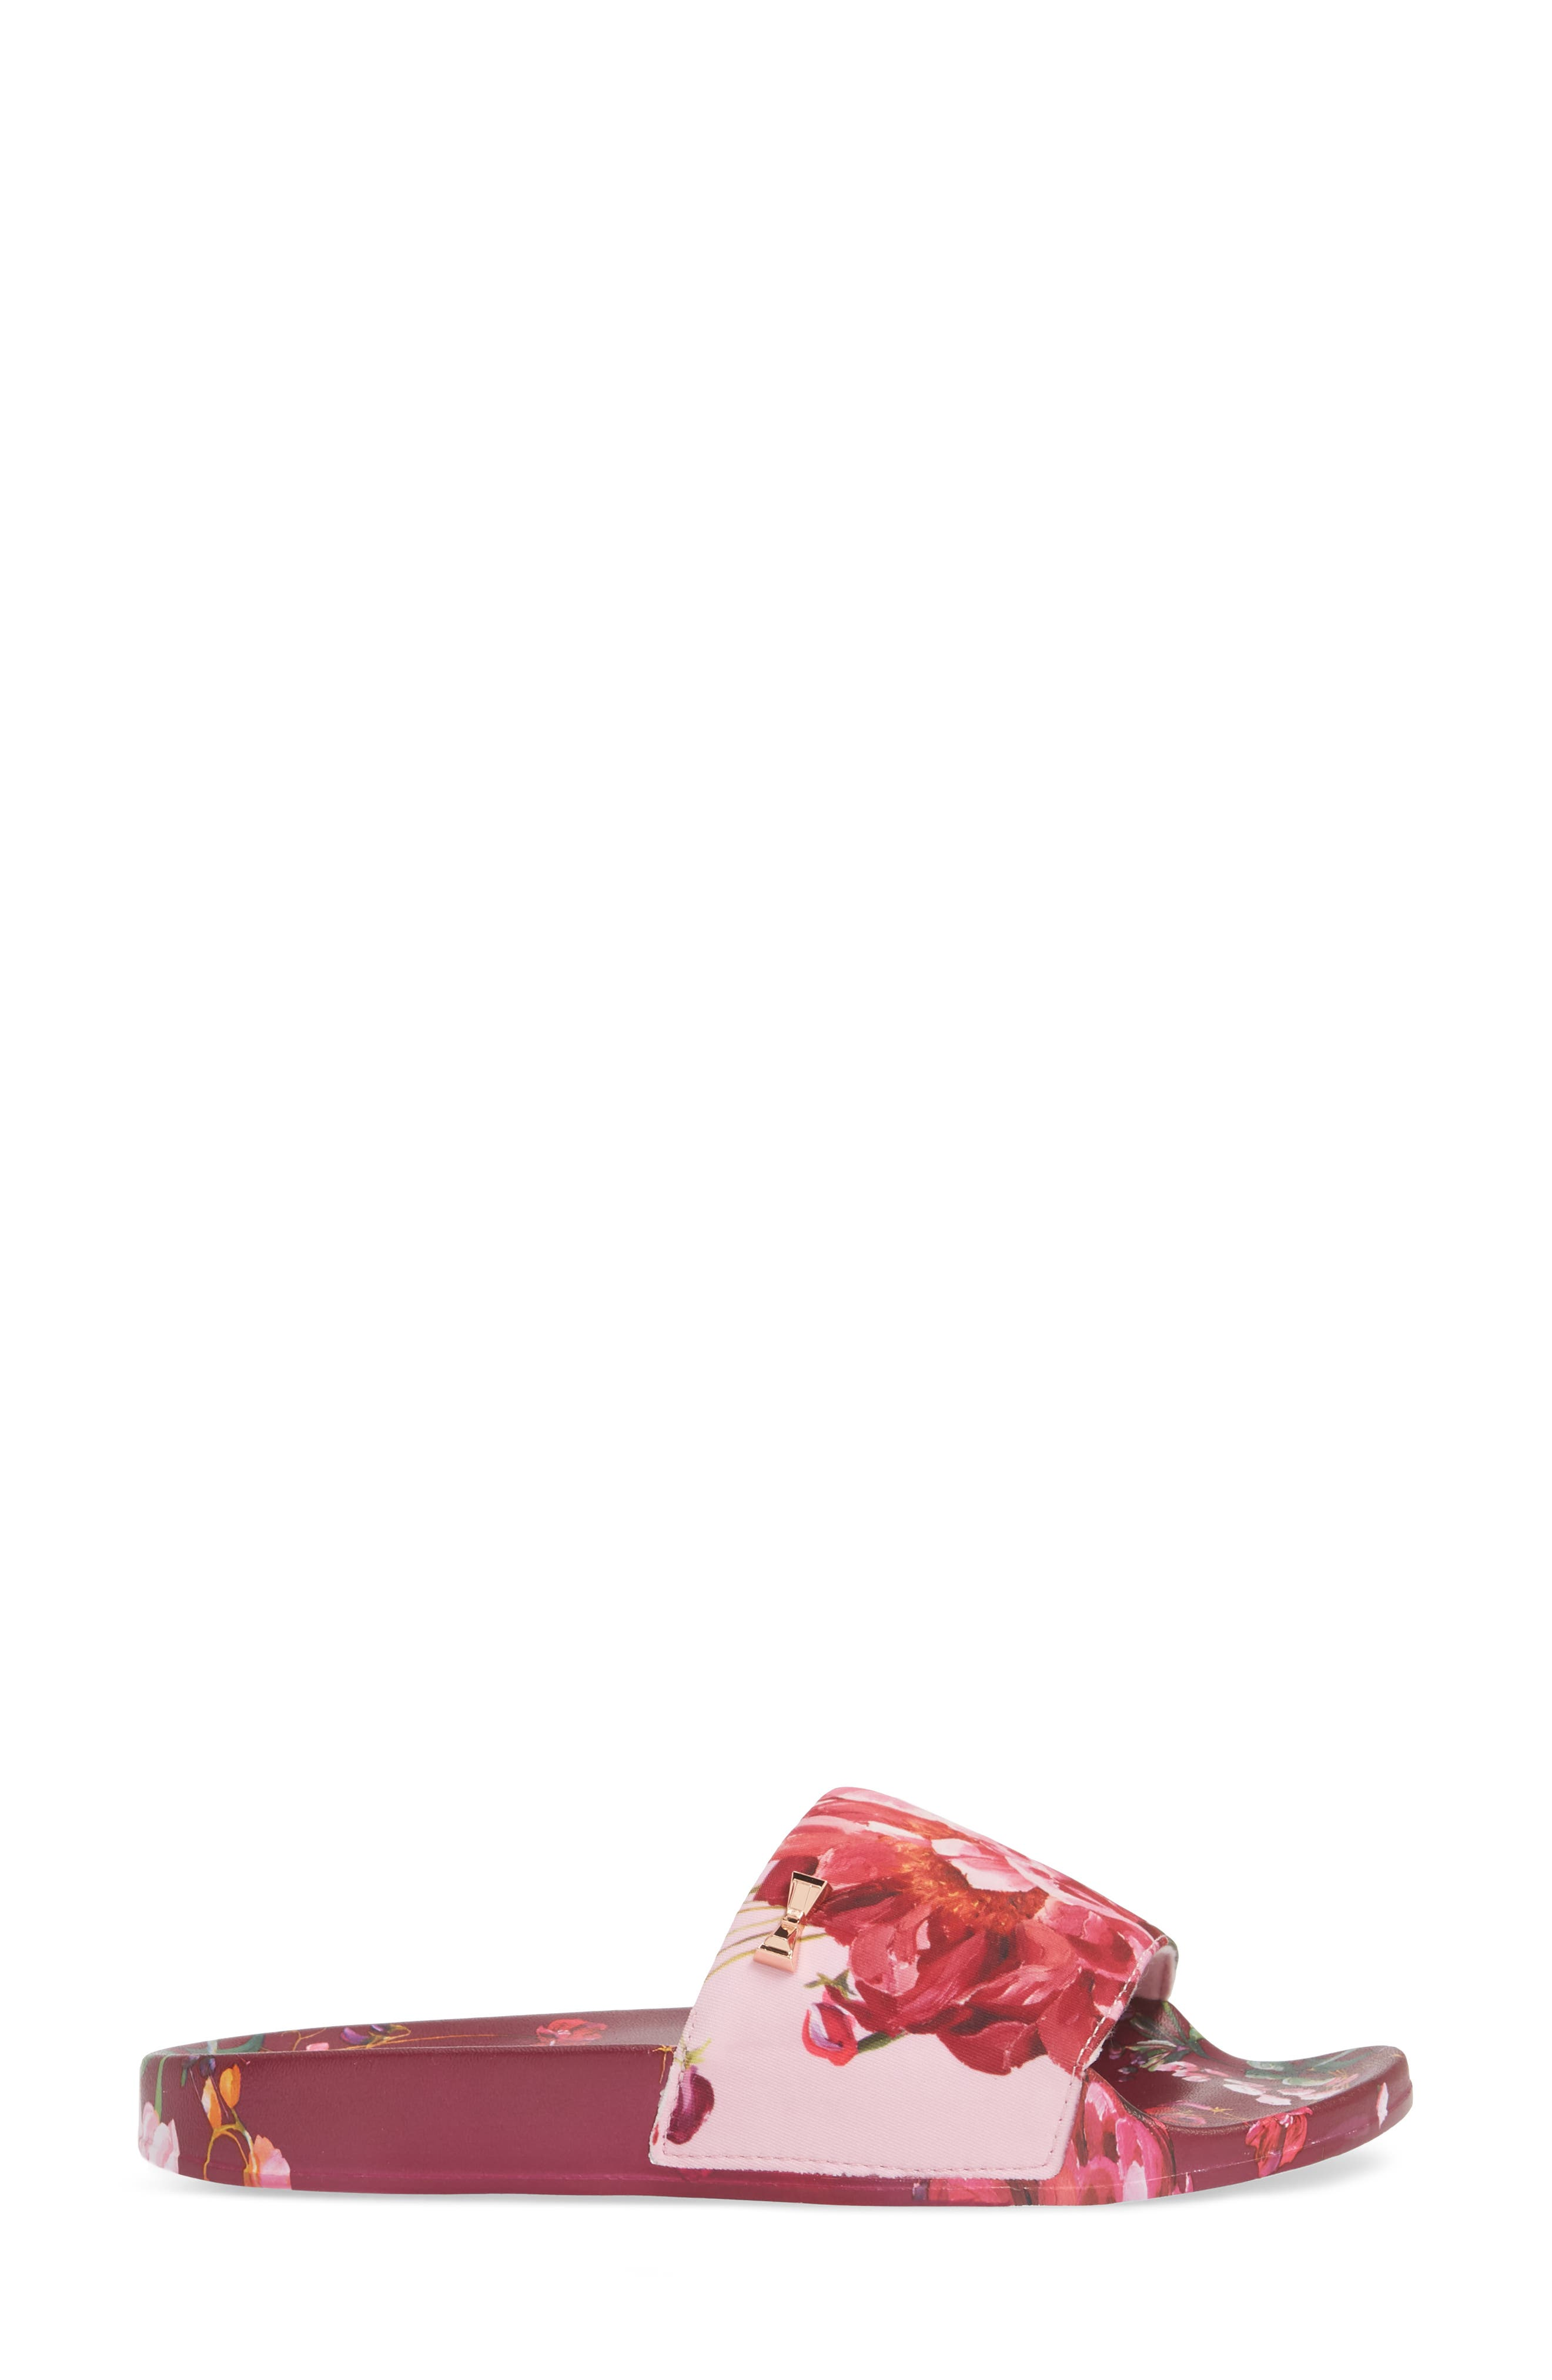 Qarla Slide Sandal,                             Alternate thumbnail 3, color,                             SERENITY LEATHER